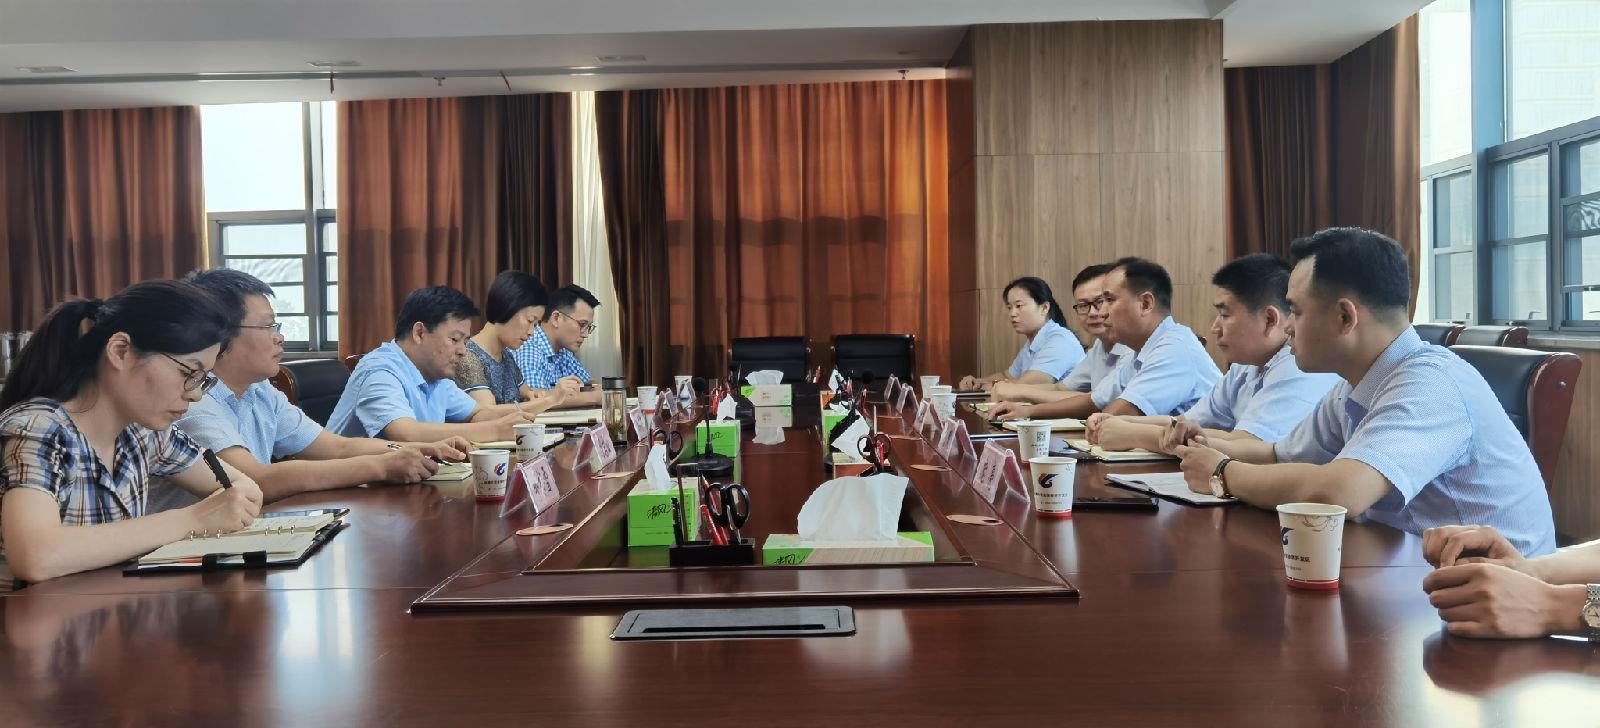 山东菏泽金安经济开发区管委会与菏泽农村商业银行签订政银战略合作协议